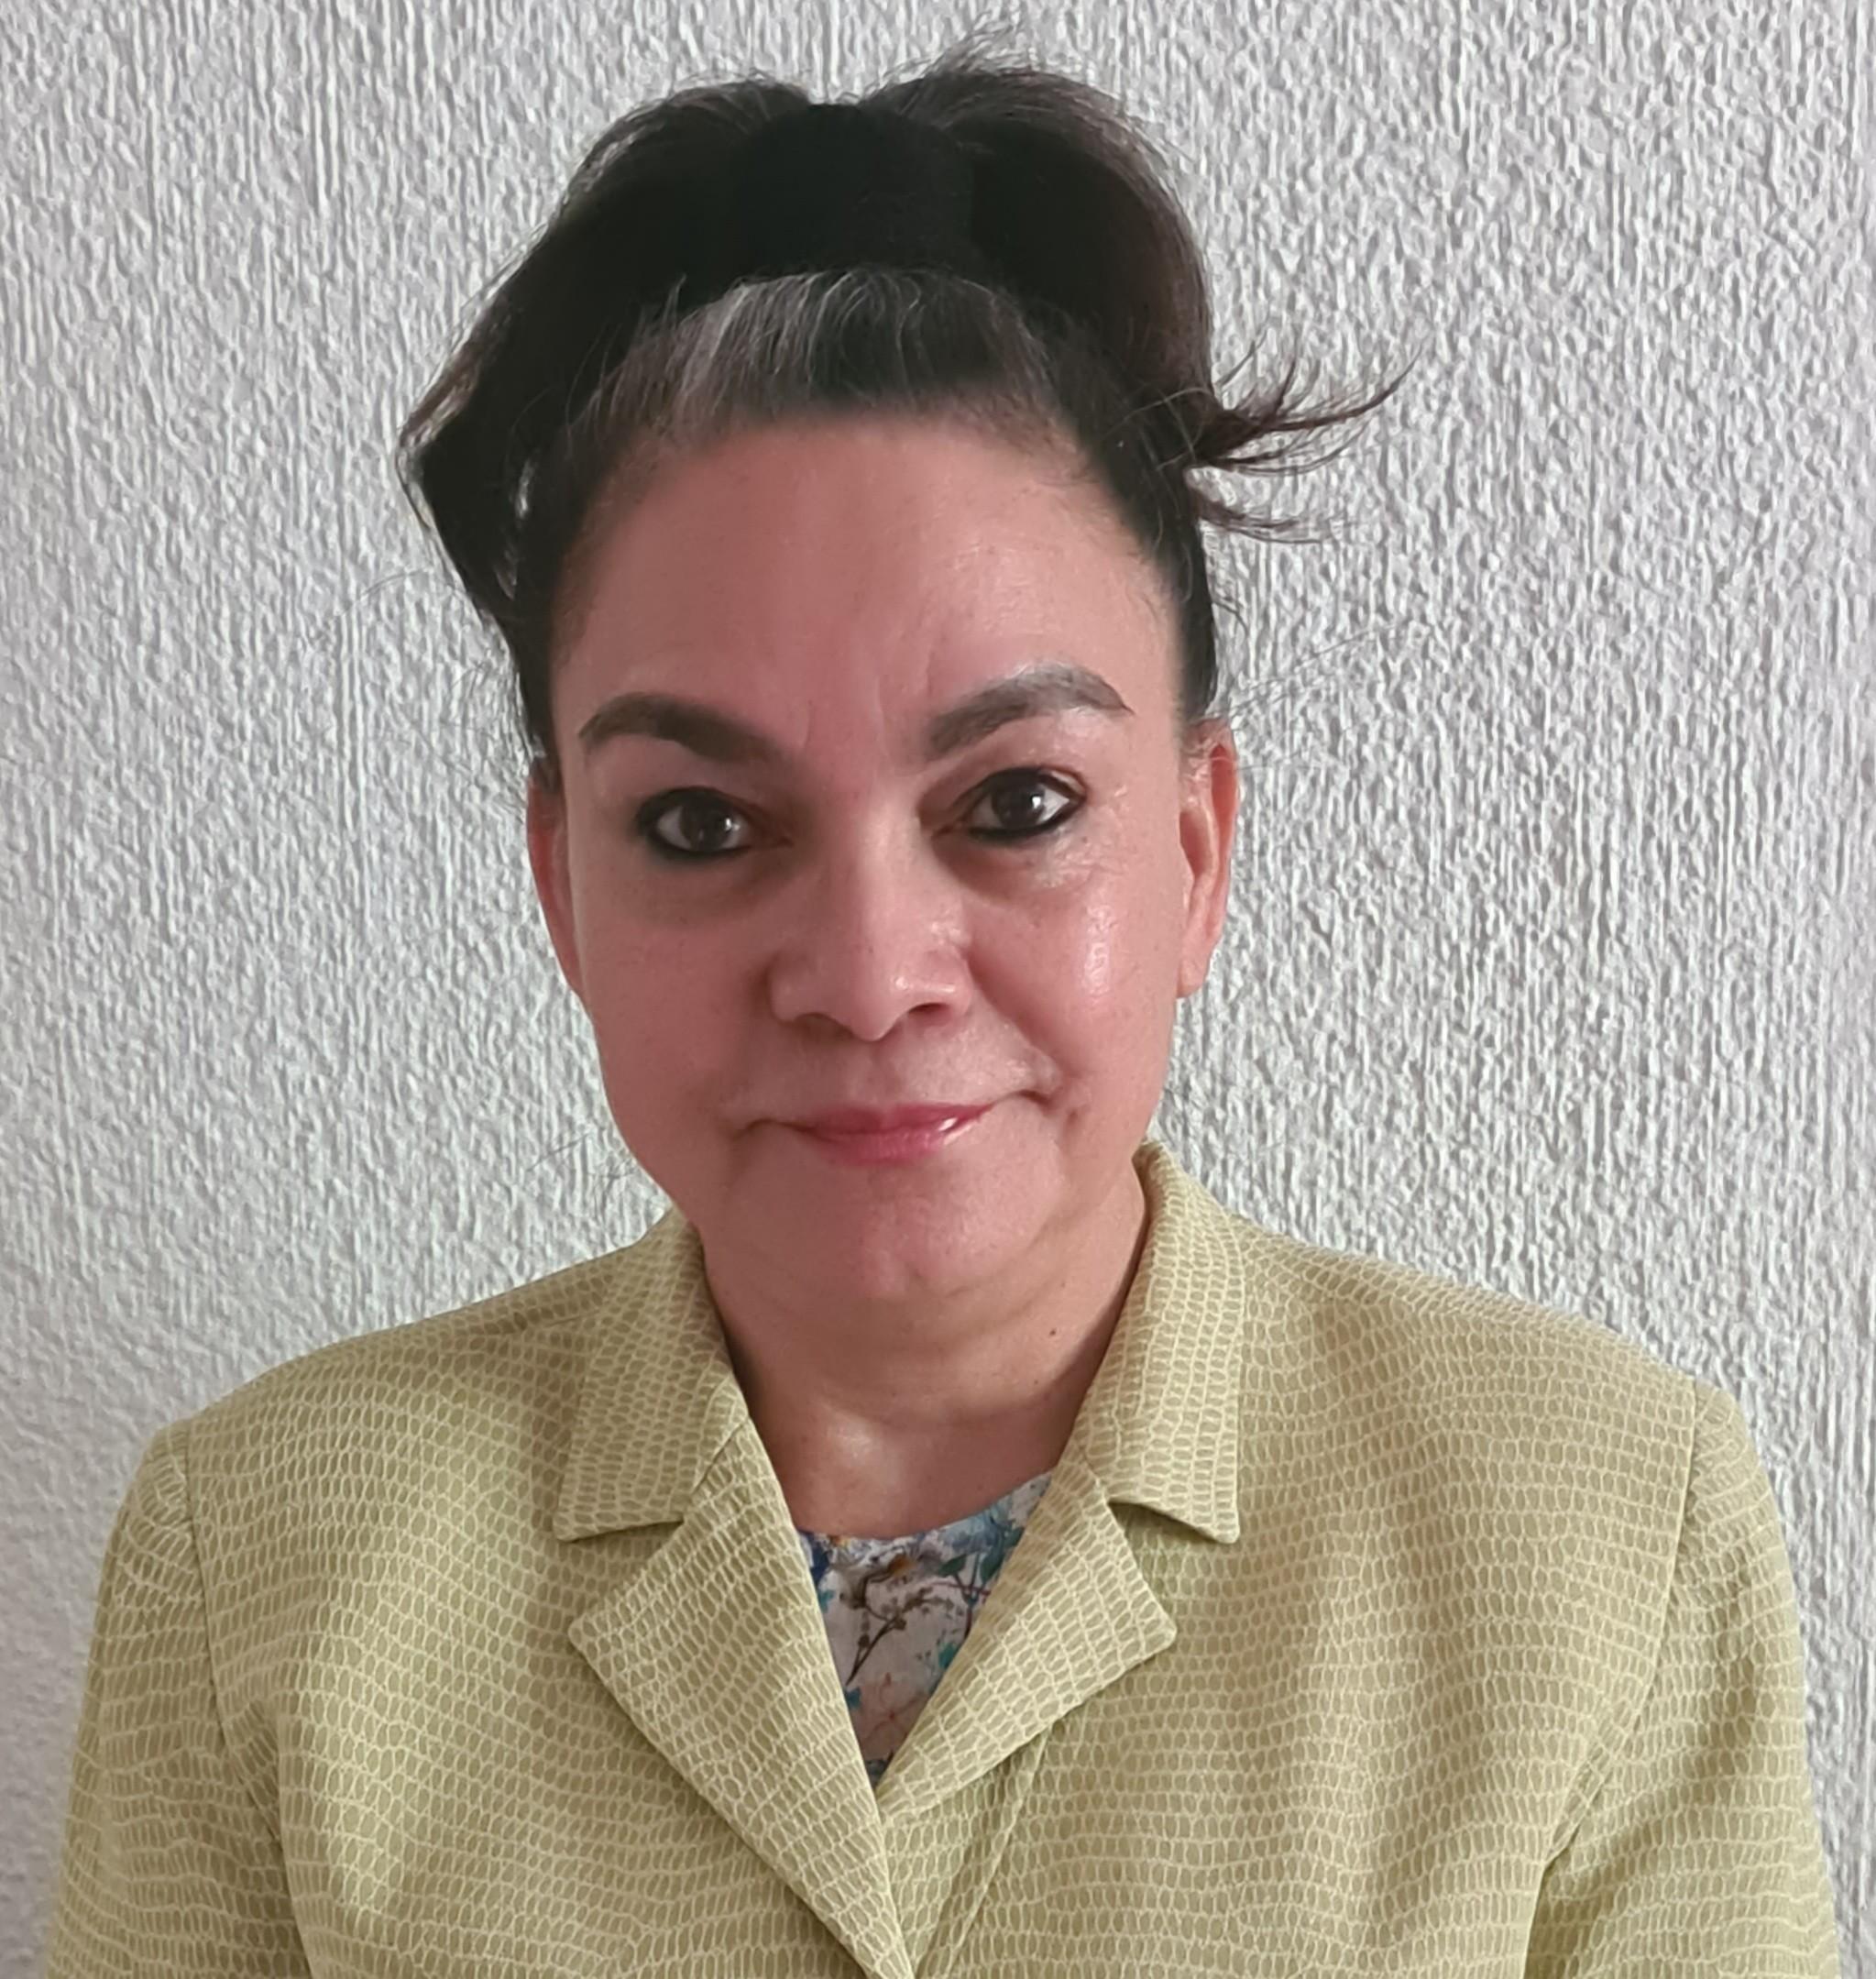 Merida Ordoñez Carbajal